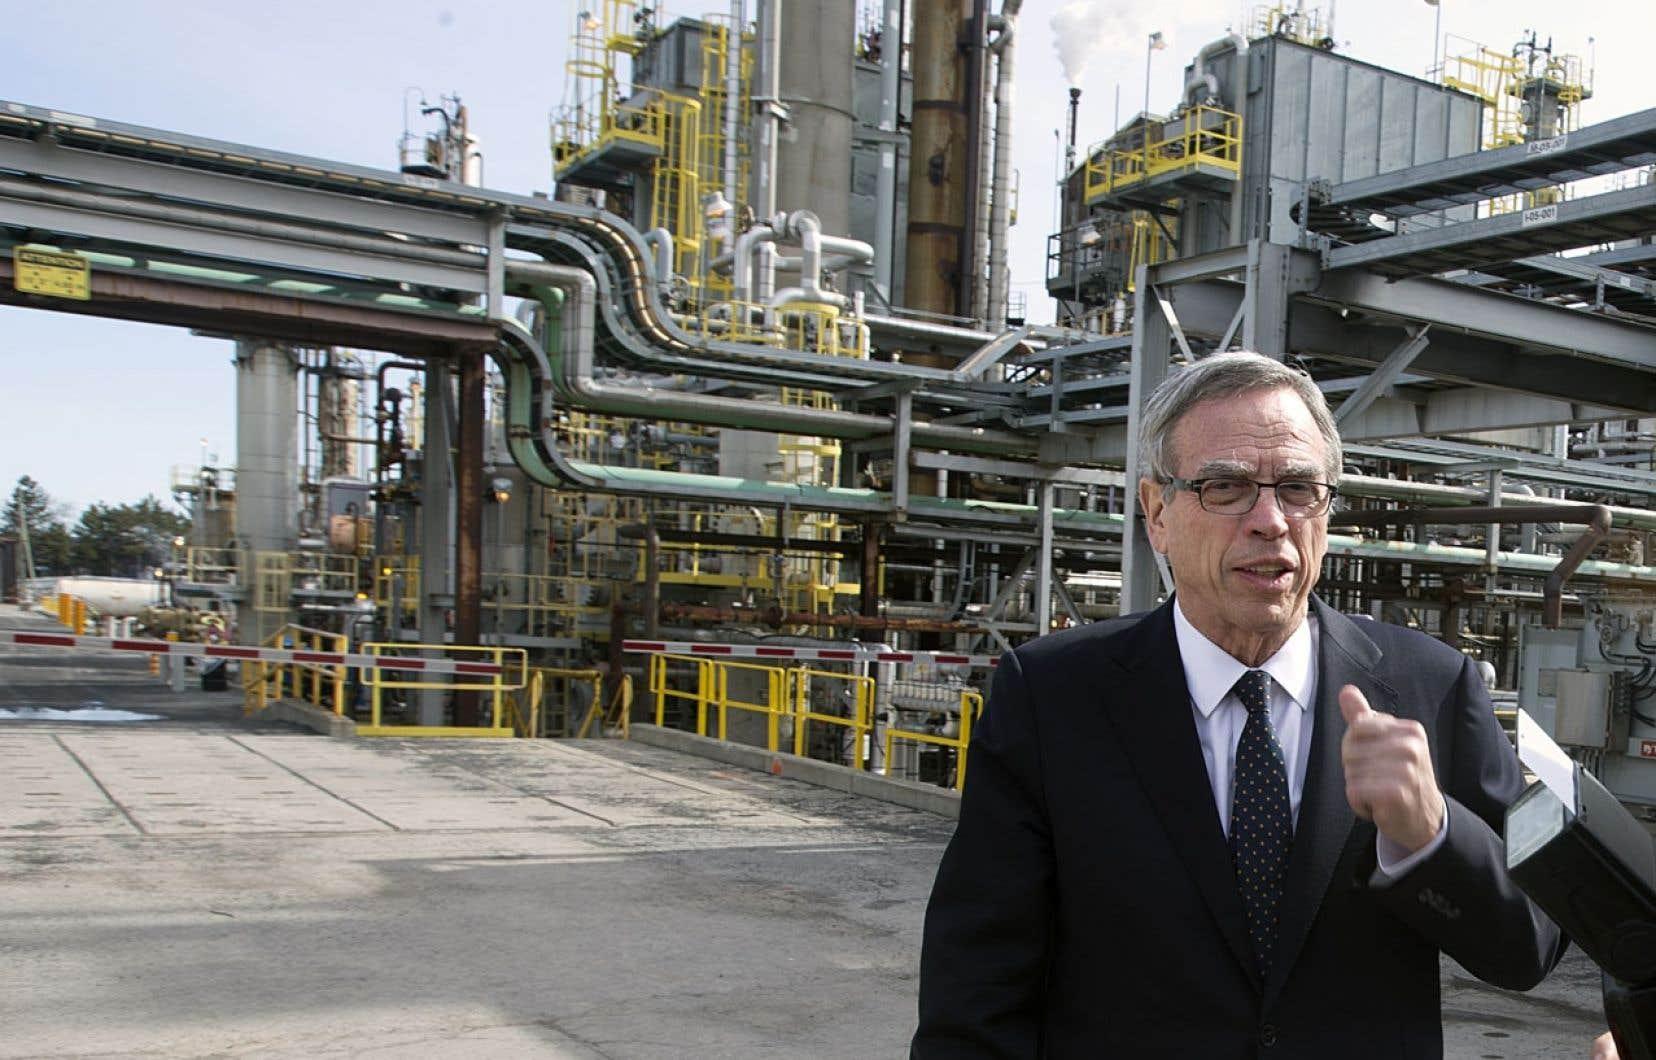 En visite à la raffinerie montréalaise de Suncor, le ministre fédéral des Ressources naturelles, Joe Oliver, a plaidé en faveur du pétrole canadien.